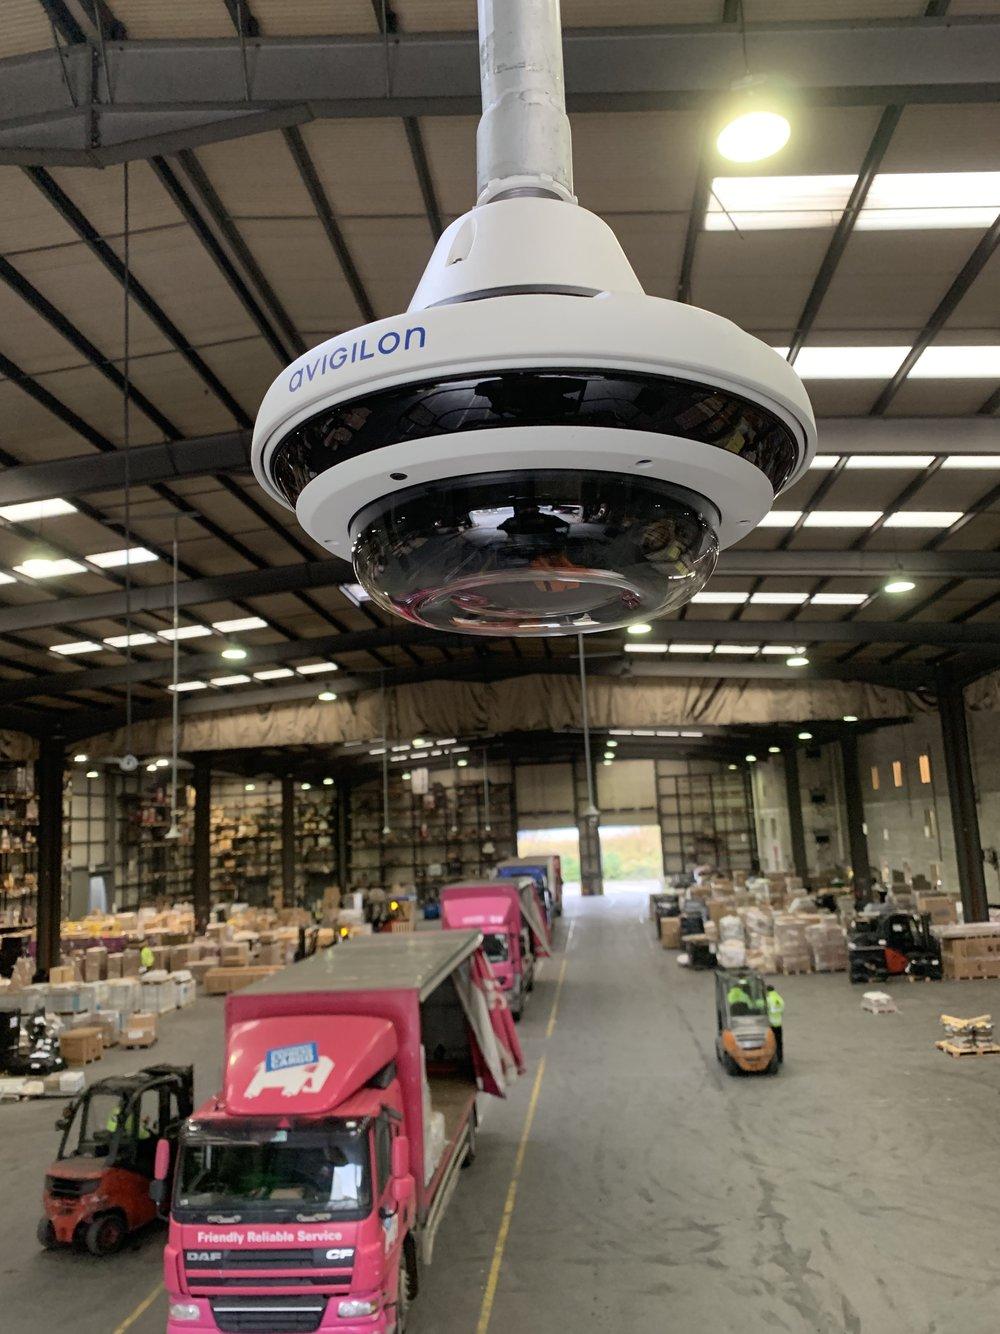 Avigilon CCTV & usee.ie